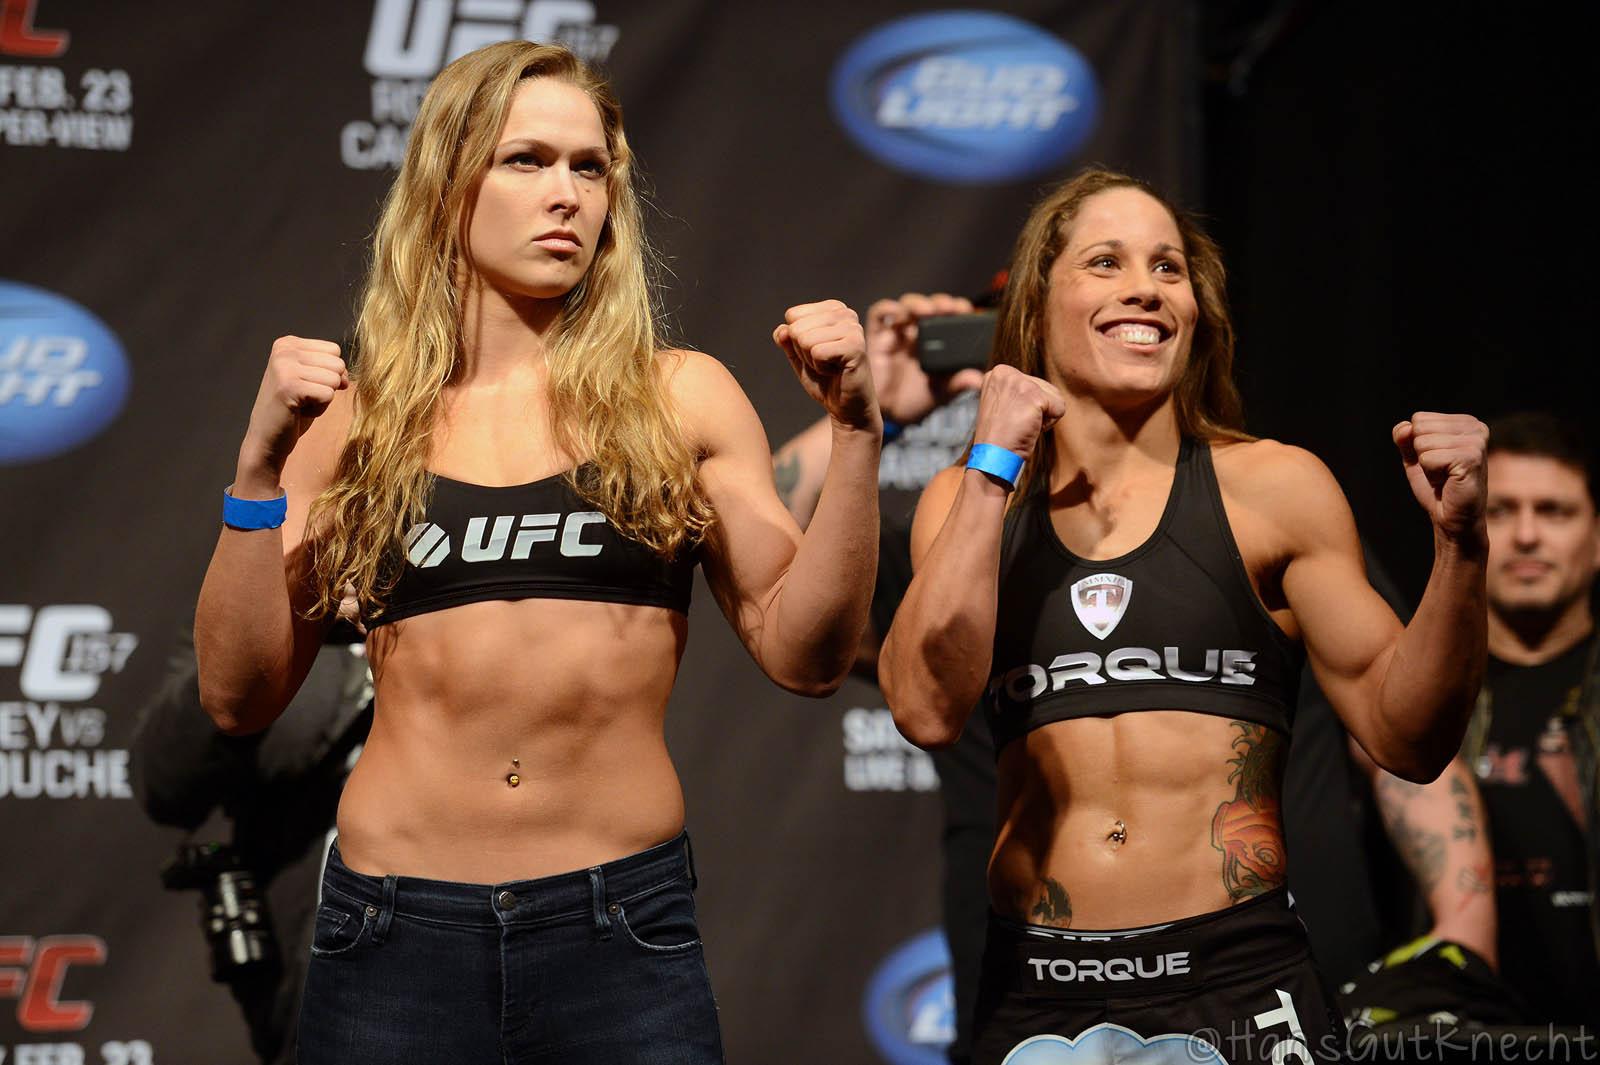 UFC 157 Rousey vs Carmouche